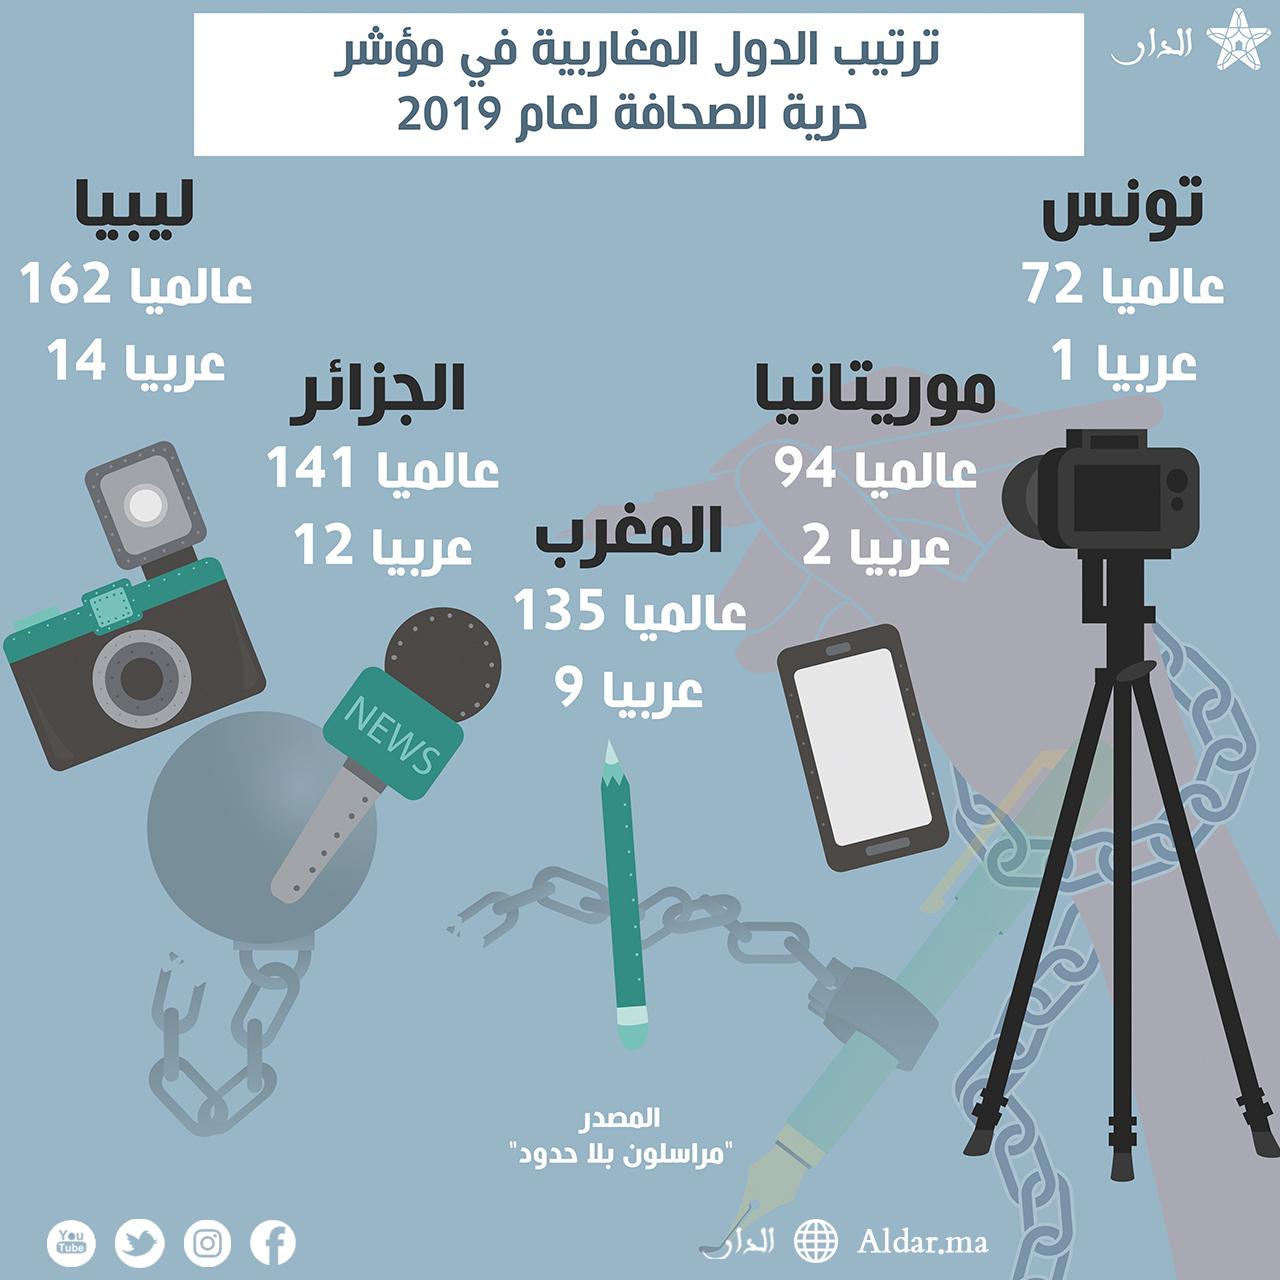 Photo of ترتيب الدول المغاربية في مؤشر حرية الصحافة لعام 2019